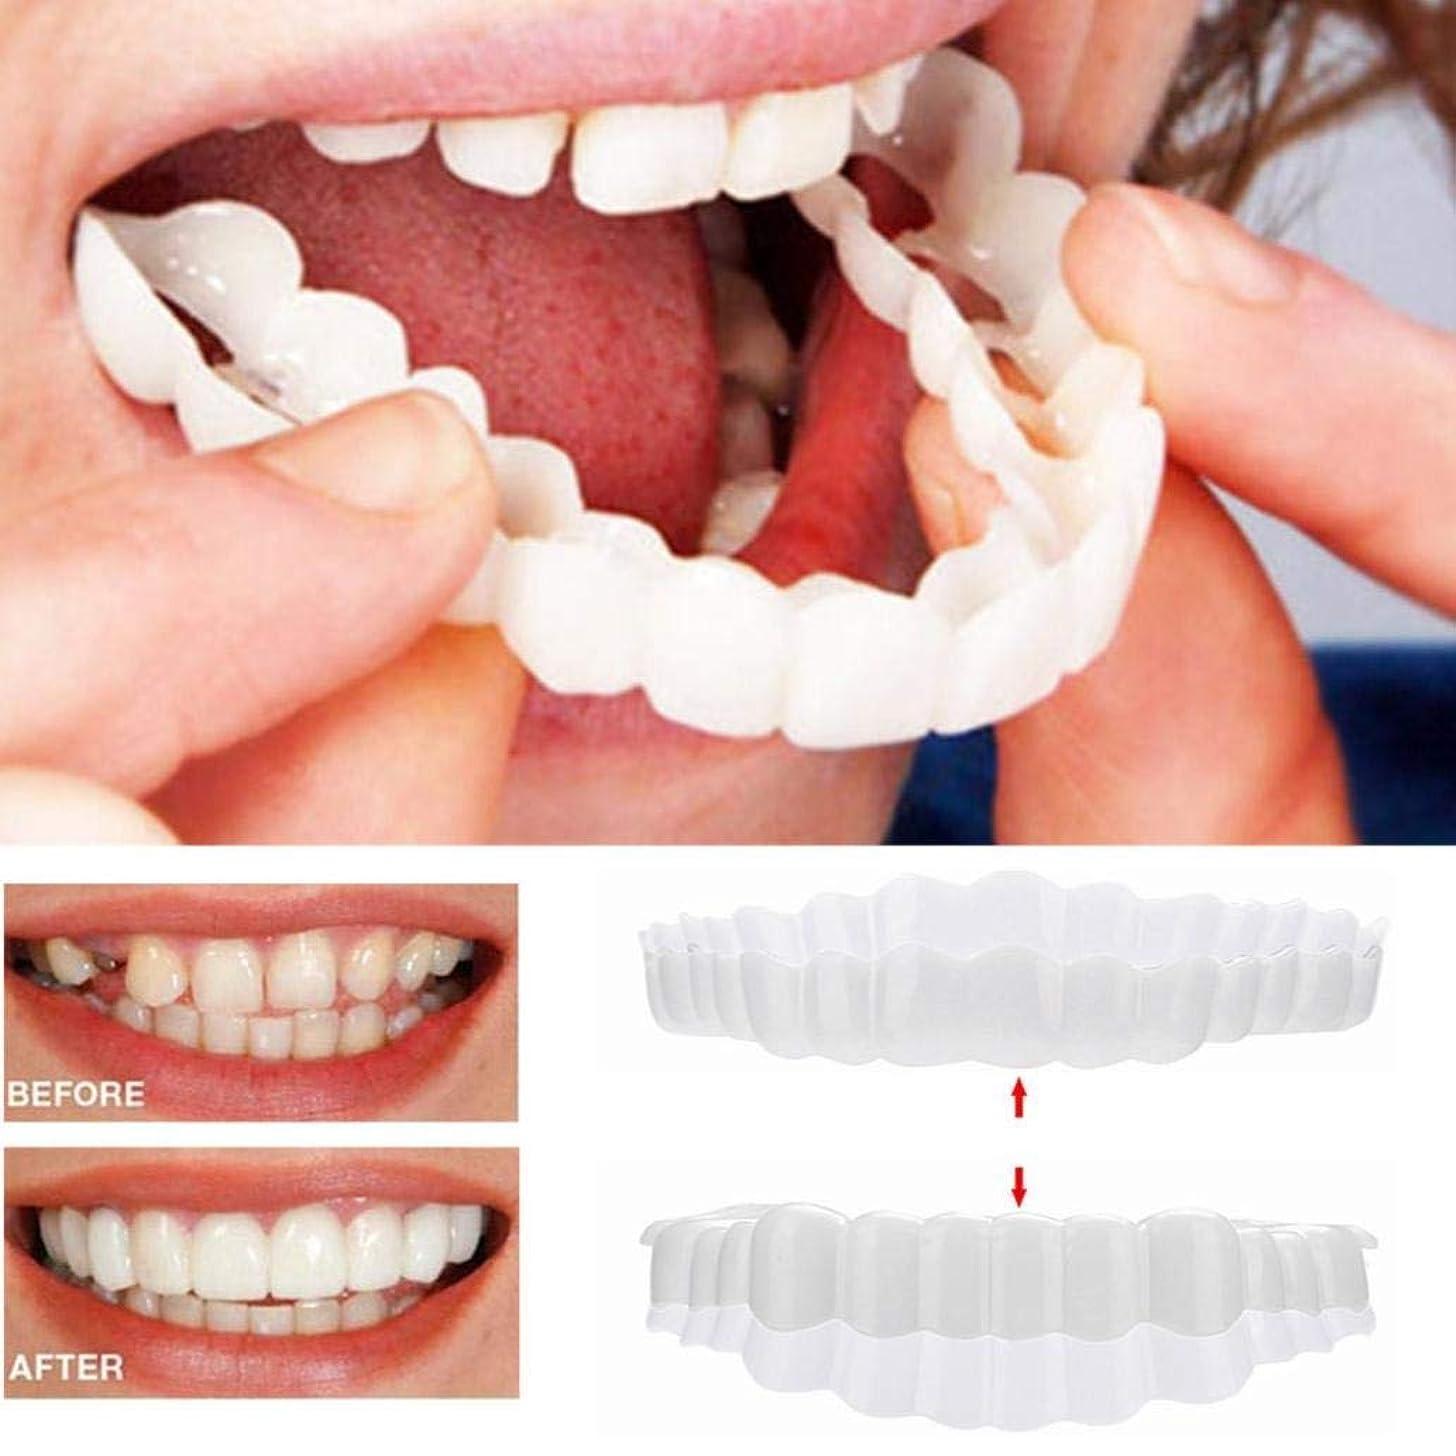 用心するコンチネンタル週間新しい20組の白いブレース快適なフィット歯理想的な瞬間笑顔白い歯歯化粧品オーラルケア黒い歯悪い歯黄色い歯使用